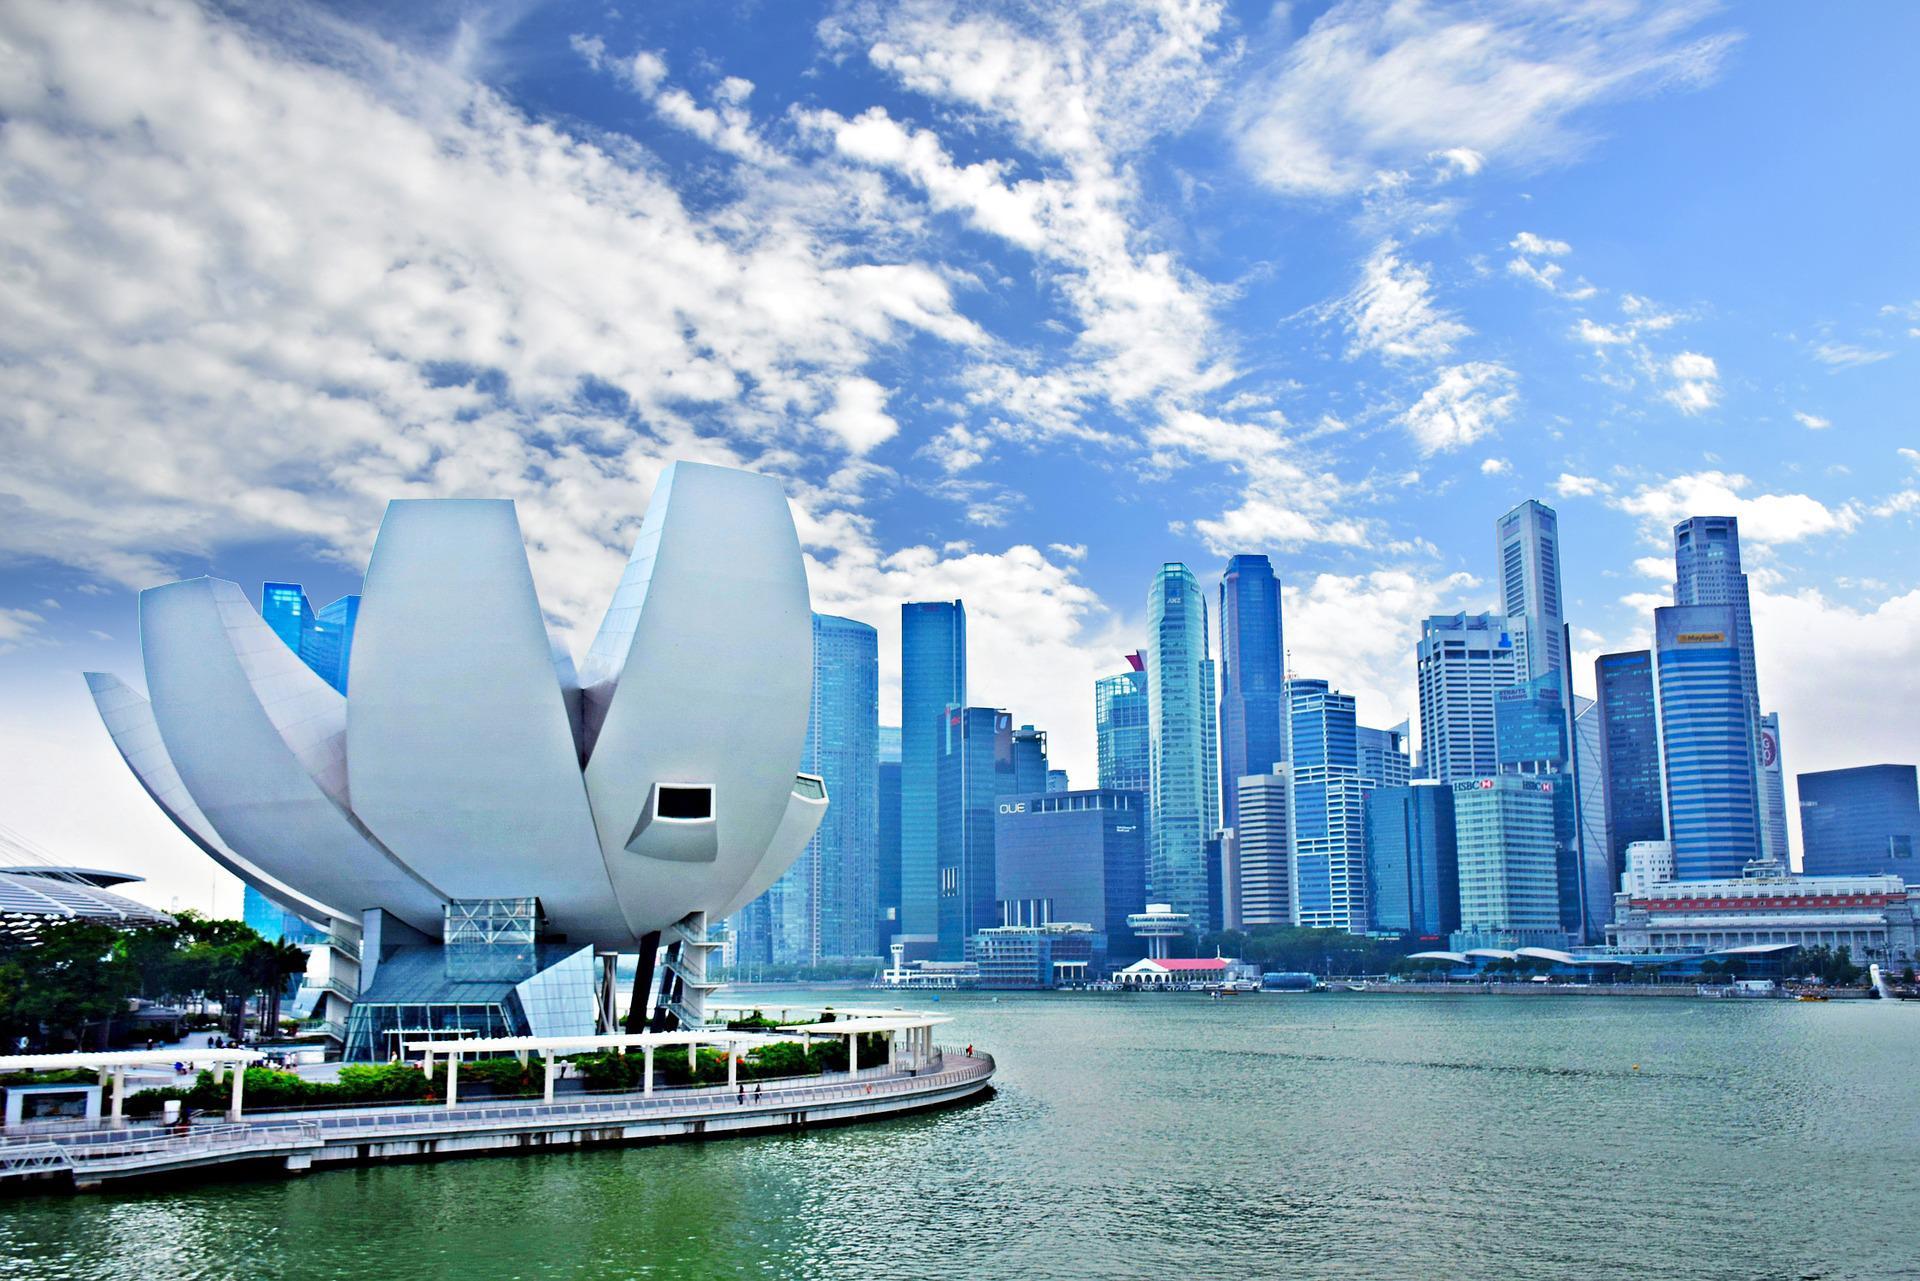 Сингапур может столкнуться с ростом налогового бремени